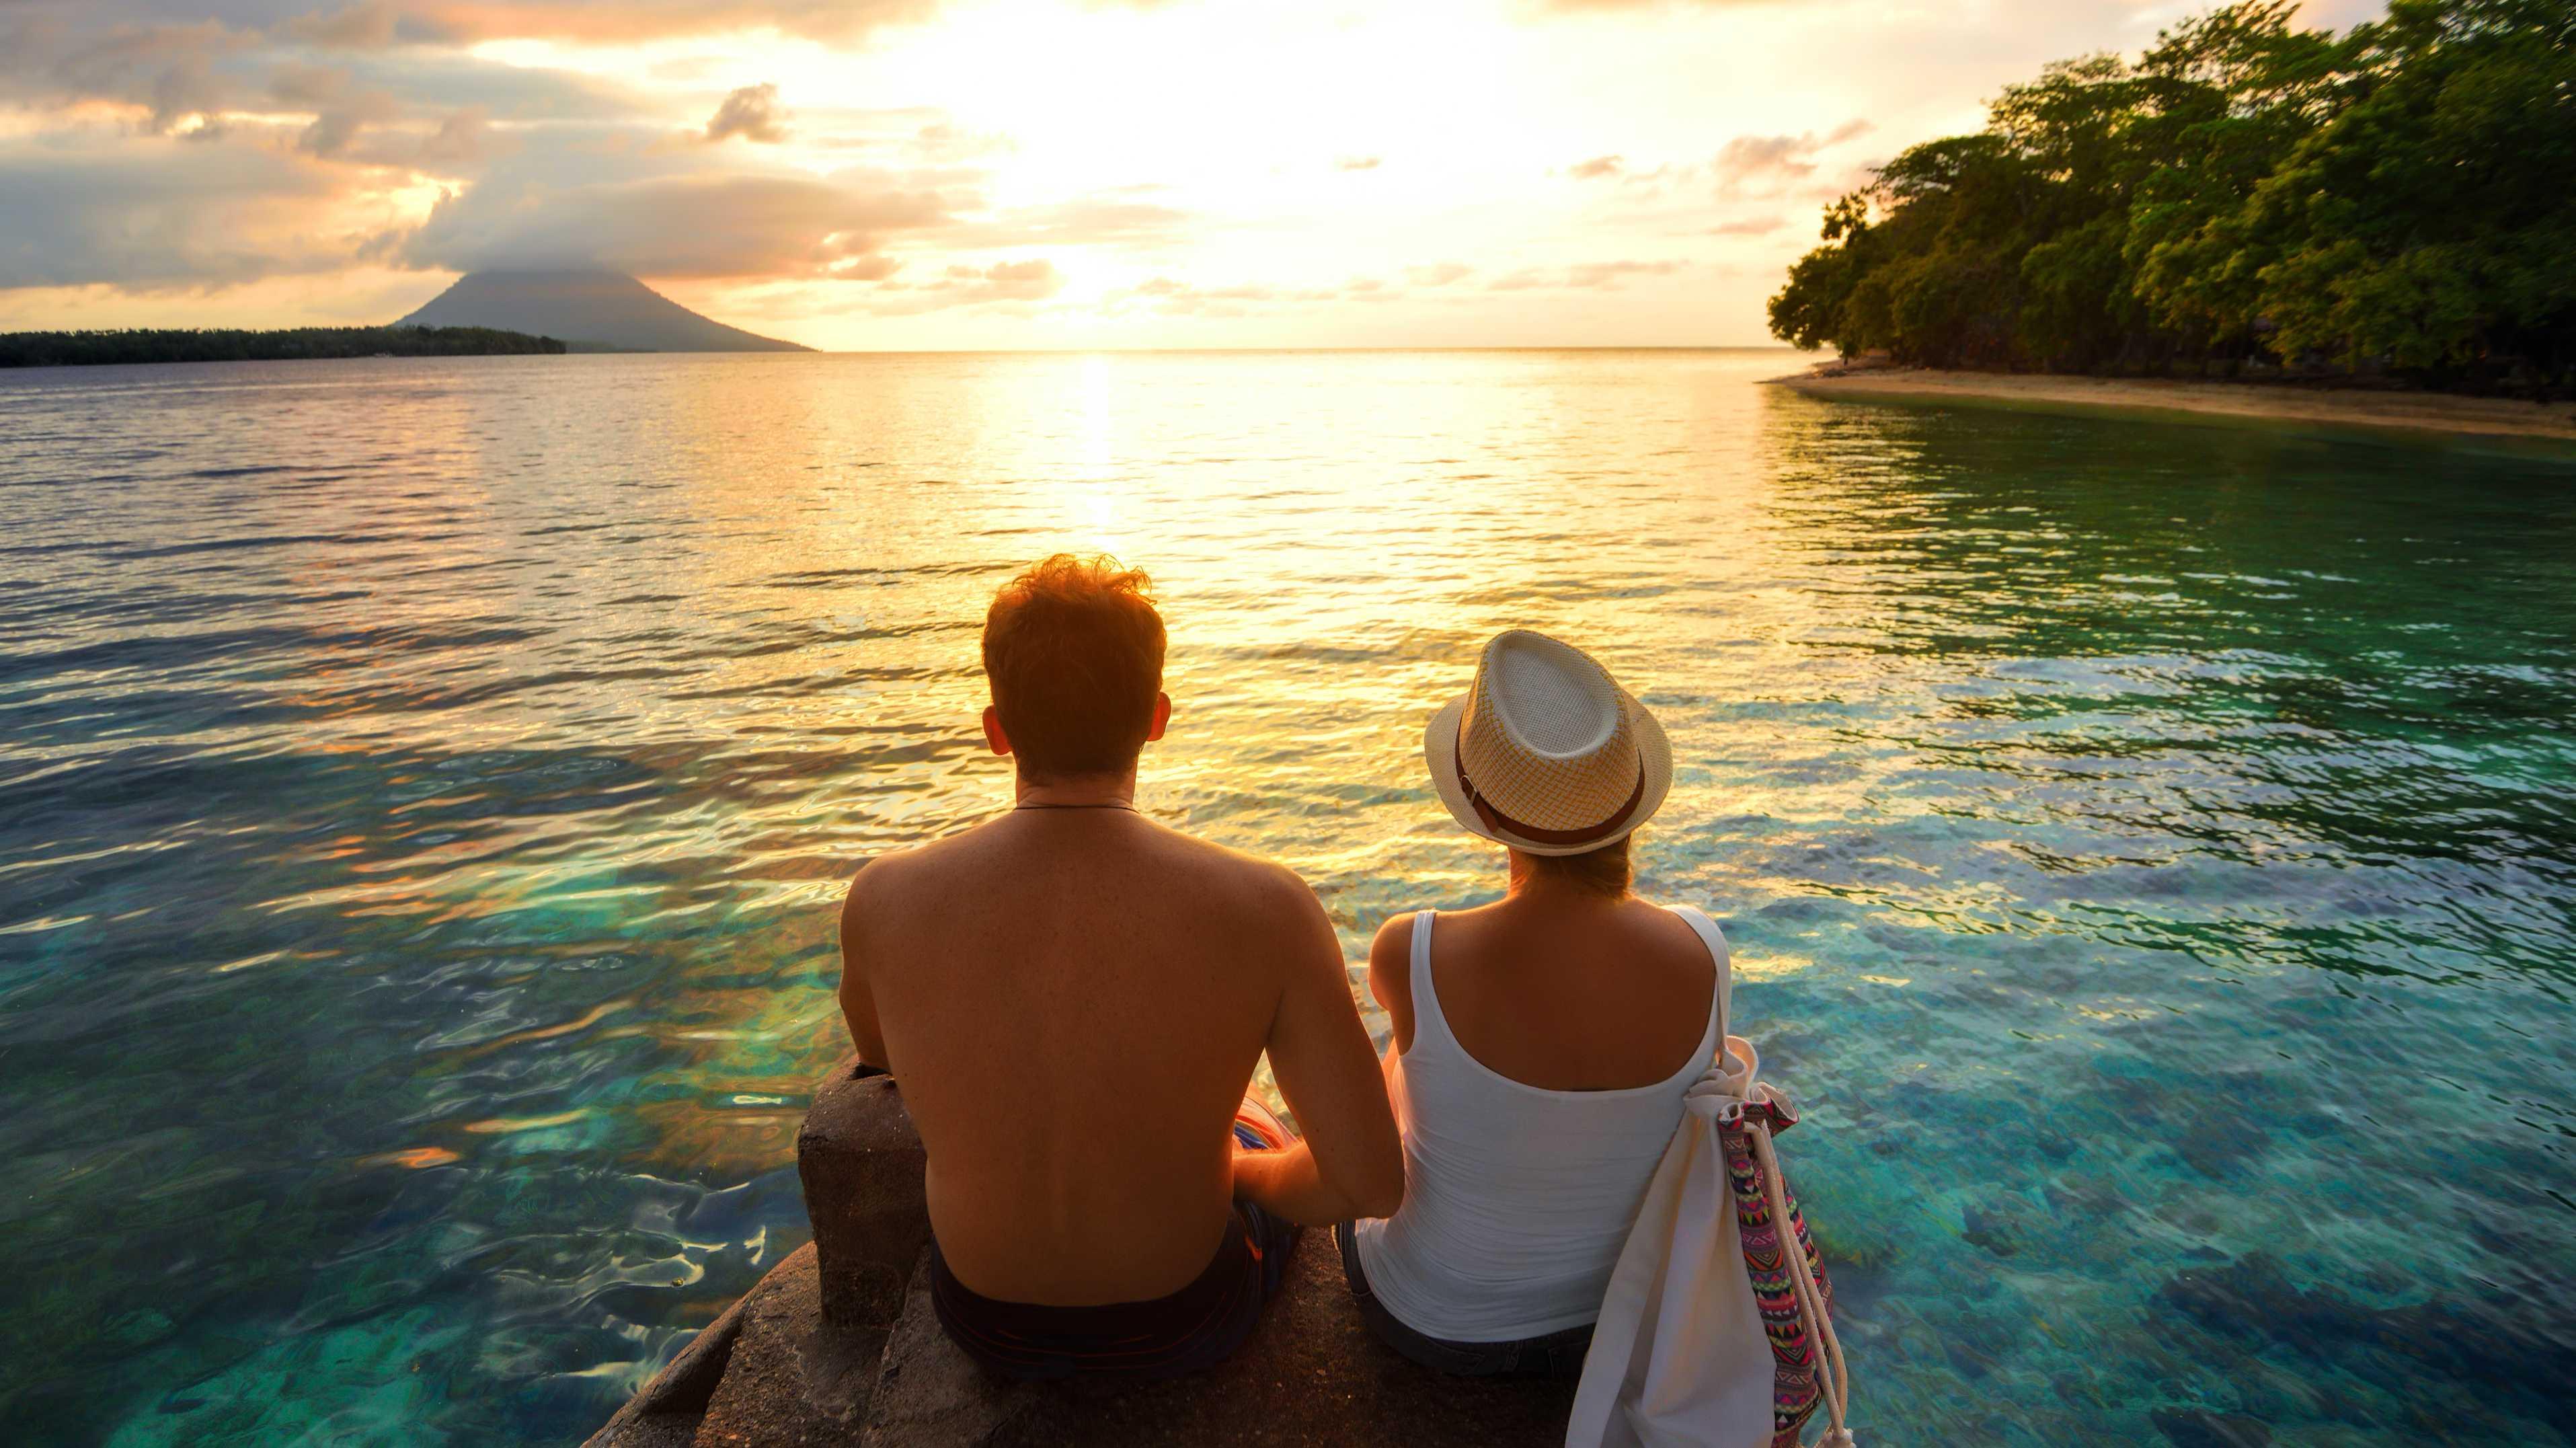 Photoindustrieverband: Ferienzeit ist Fotozeit